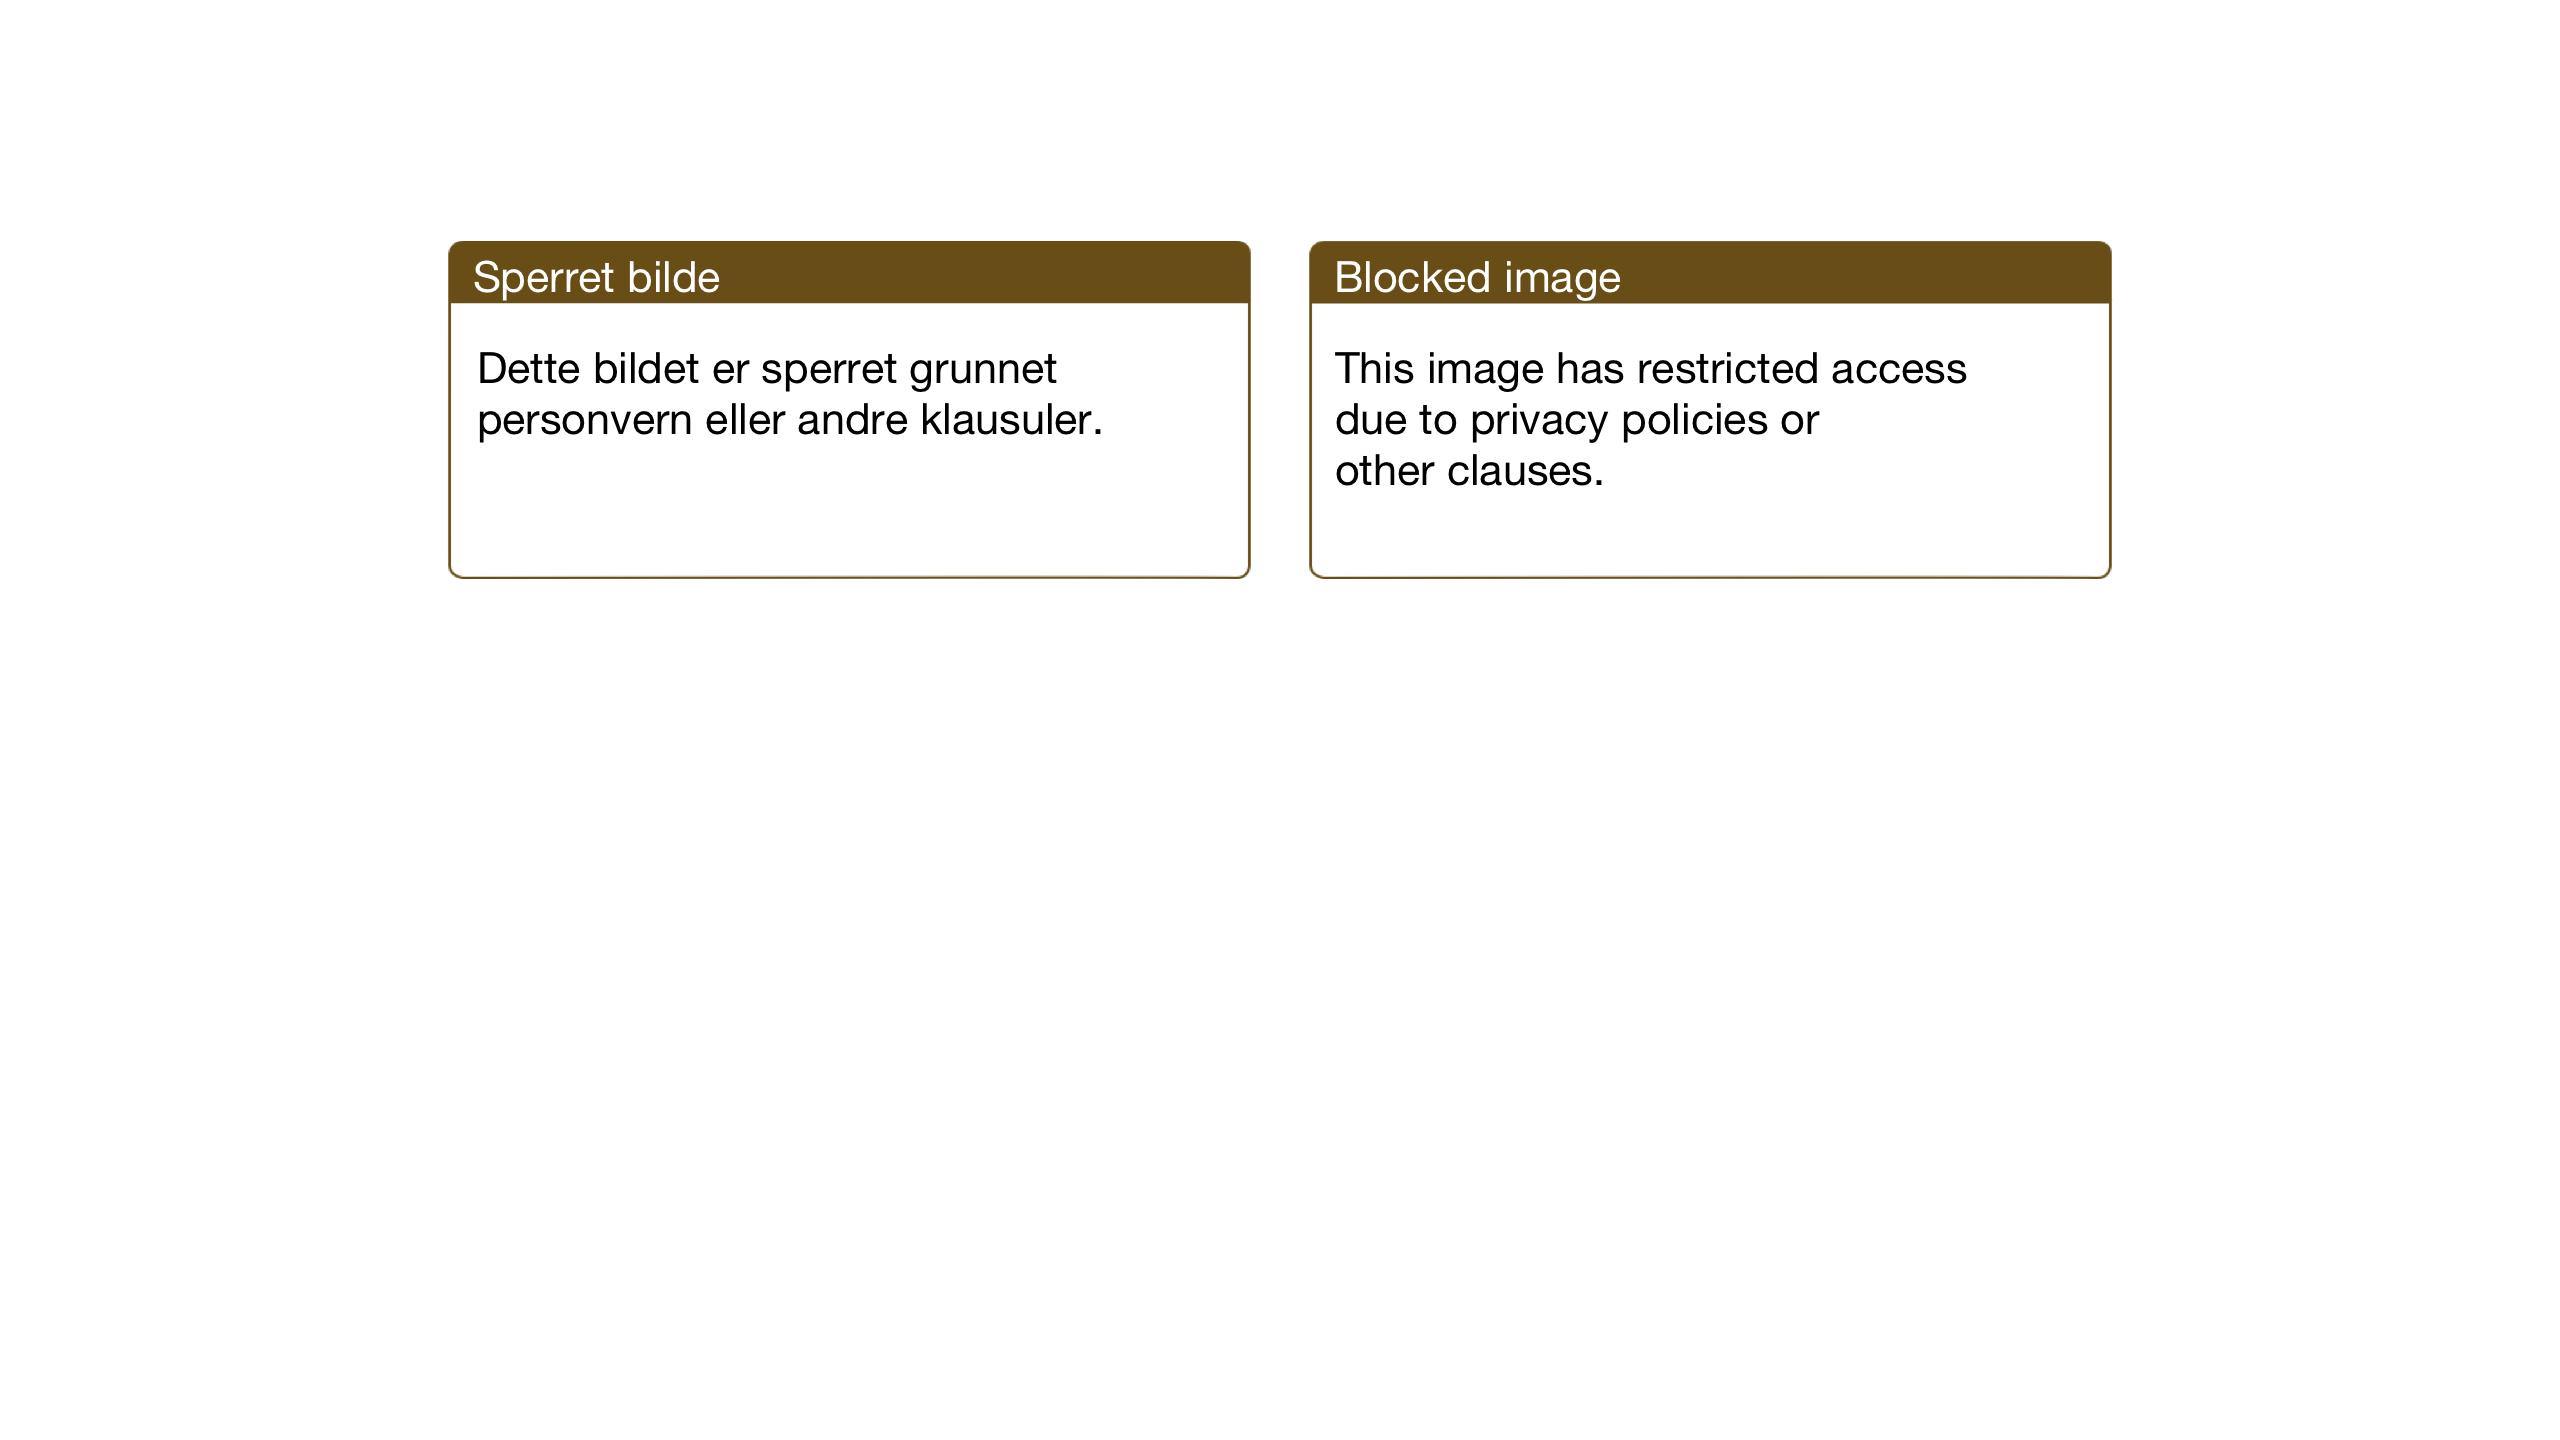 SAT, Ministerialprotokoller, klokkerbøker og fødselsregistre - Møre og Romsdal, 557/L0682: Ministerialbok nr. 557A04, 1887-1970, s. 331